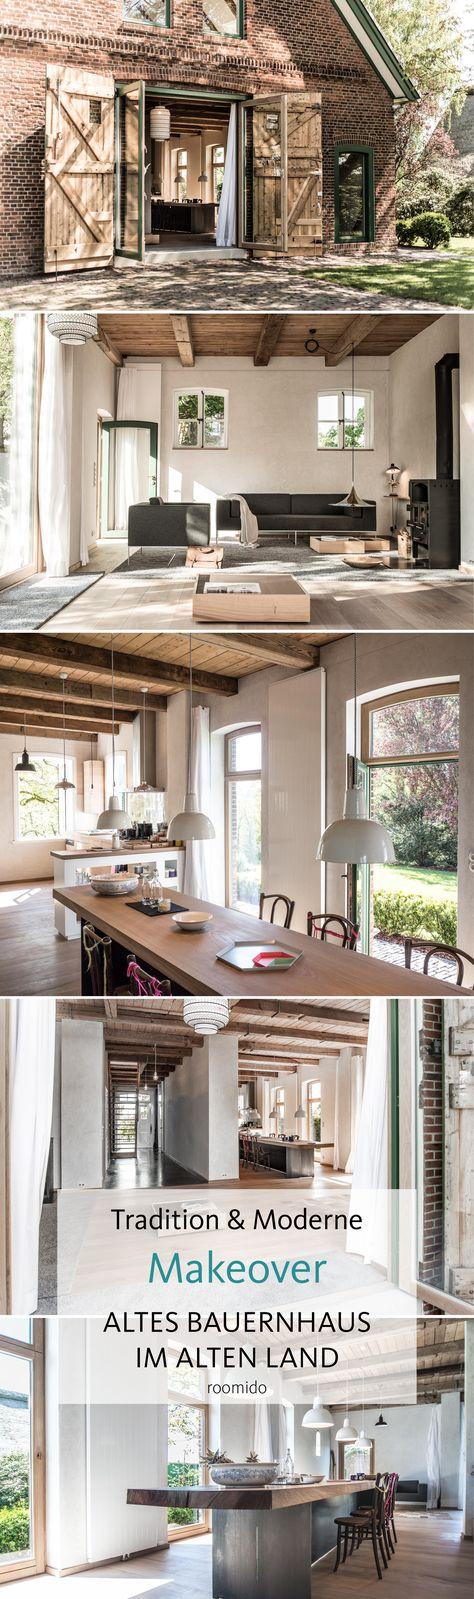 18 besten Haus außen Bilder auf Pinterest | Bauernhaus, Ferienhaus ...